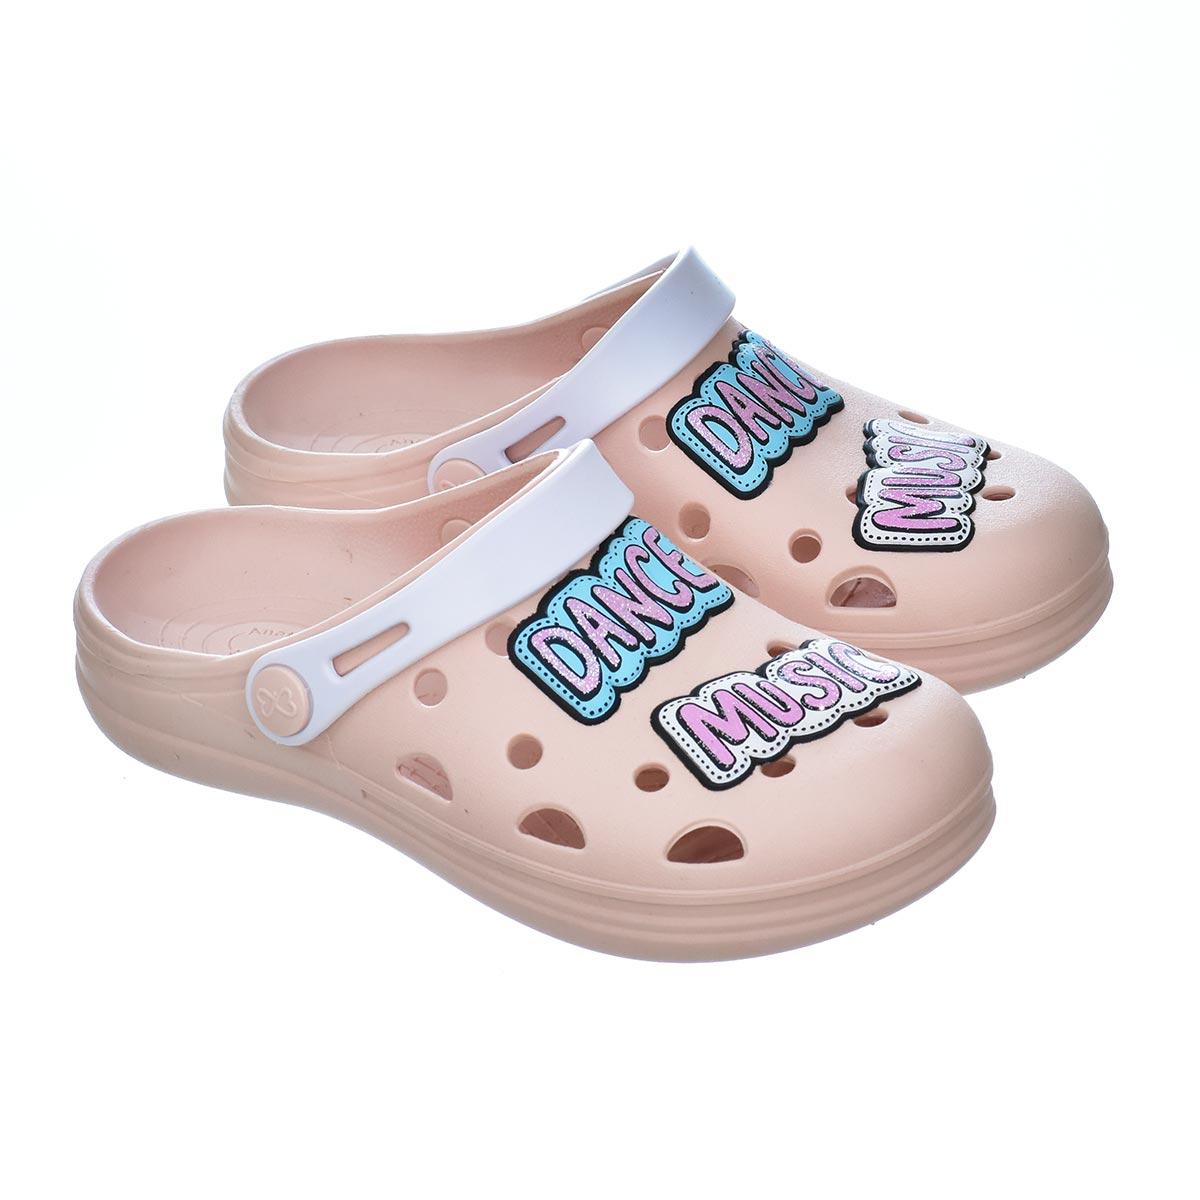 Crocs World Colors